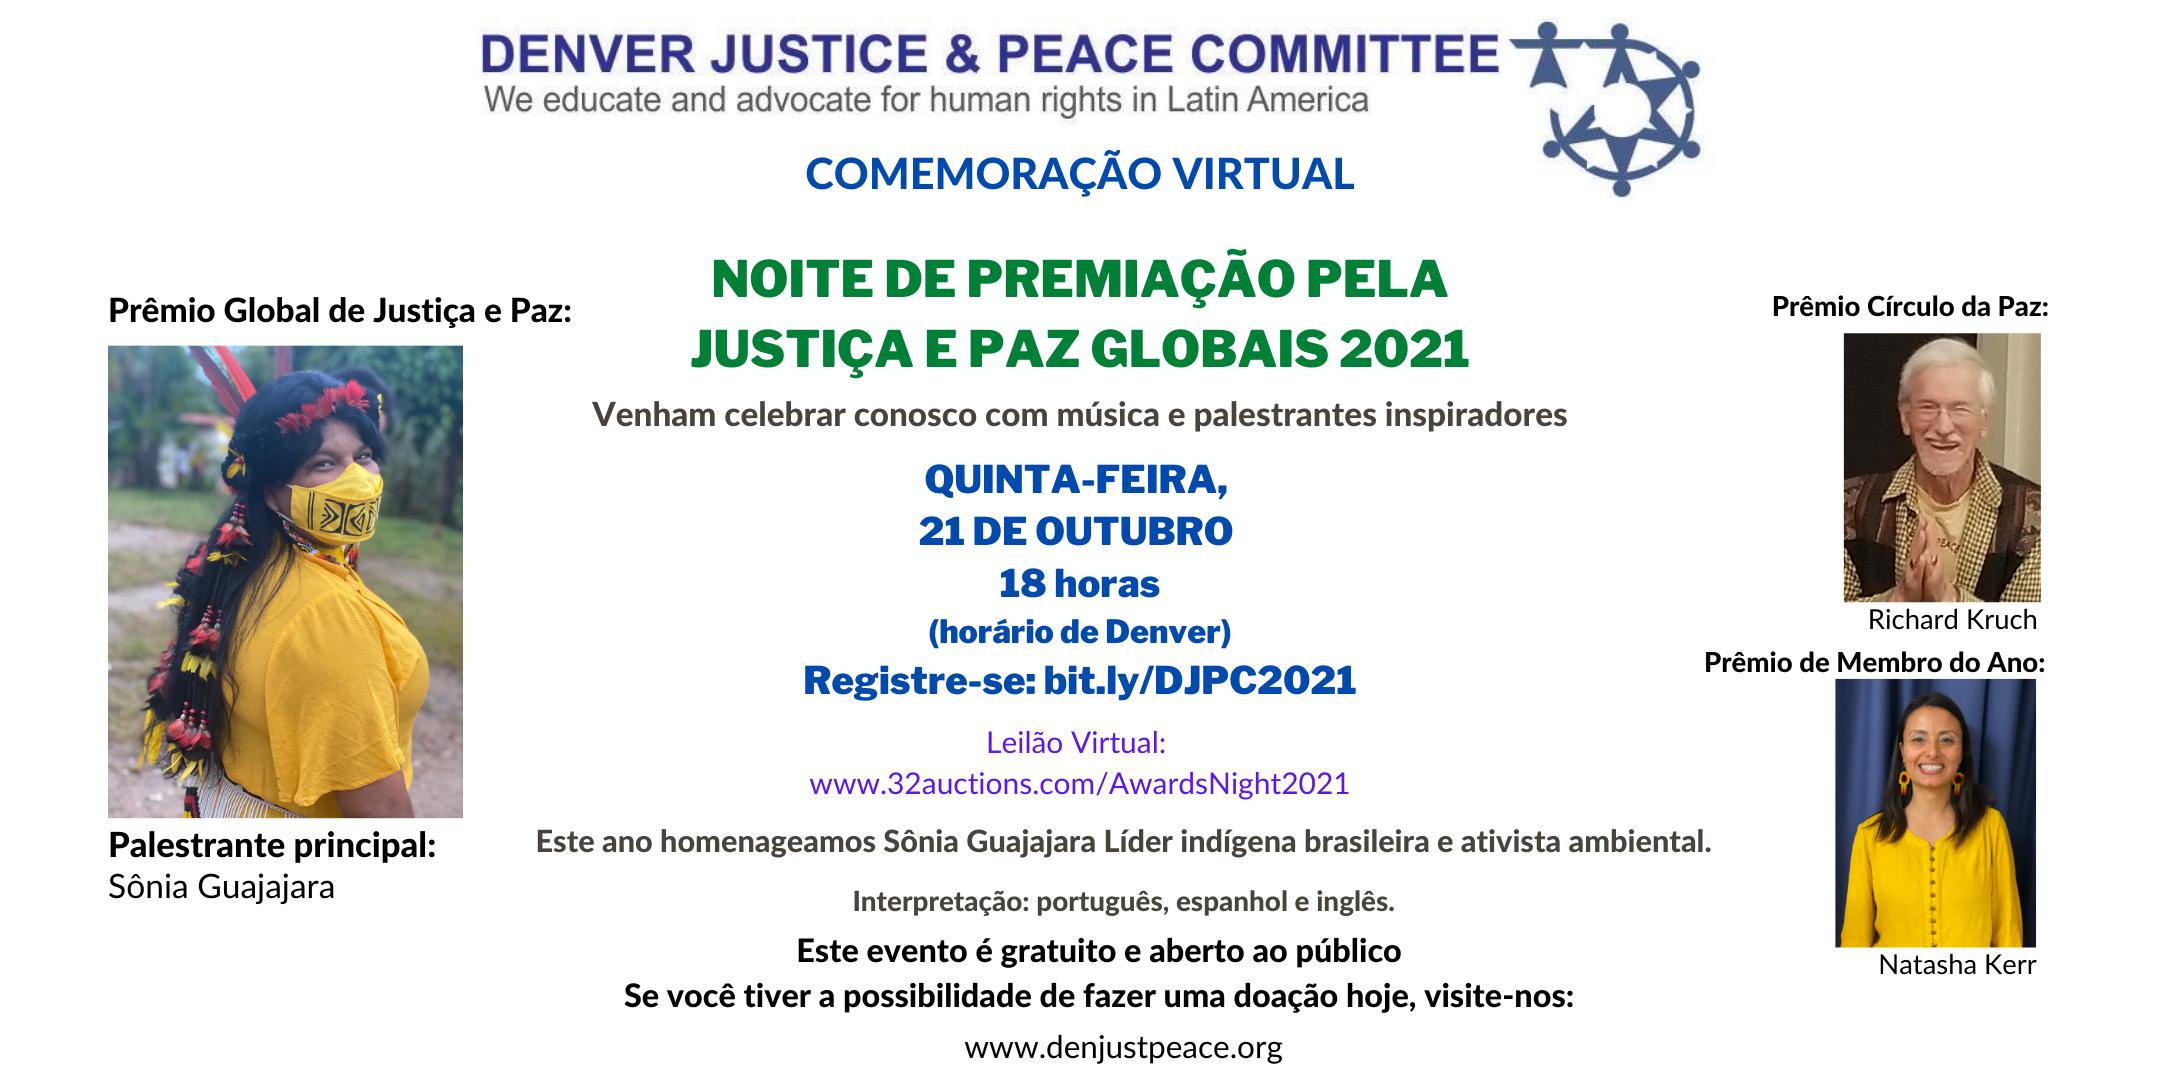 Convite: Noite de Premiação pela Justiça e Paz Globais 2021. Quinta-feira, 21 de outubro, às 18:00.